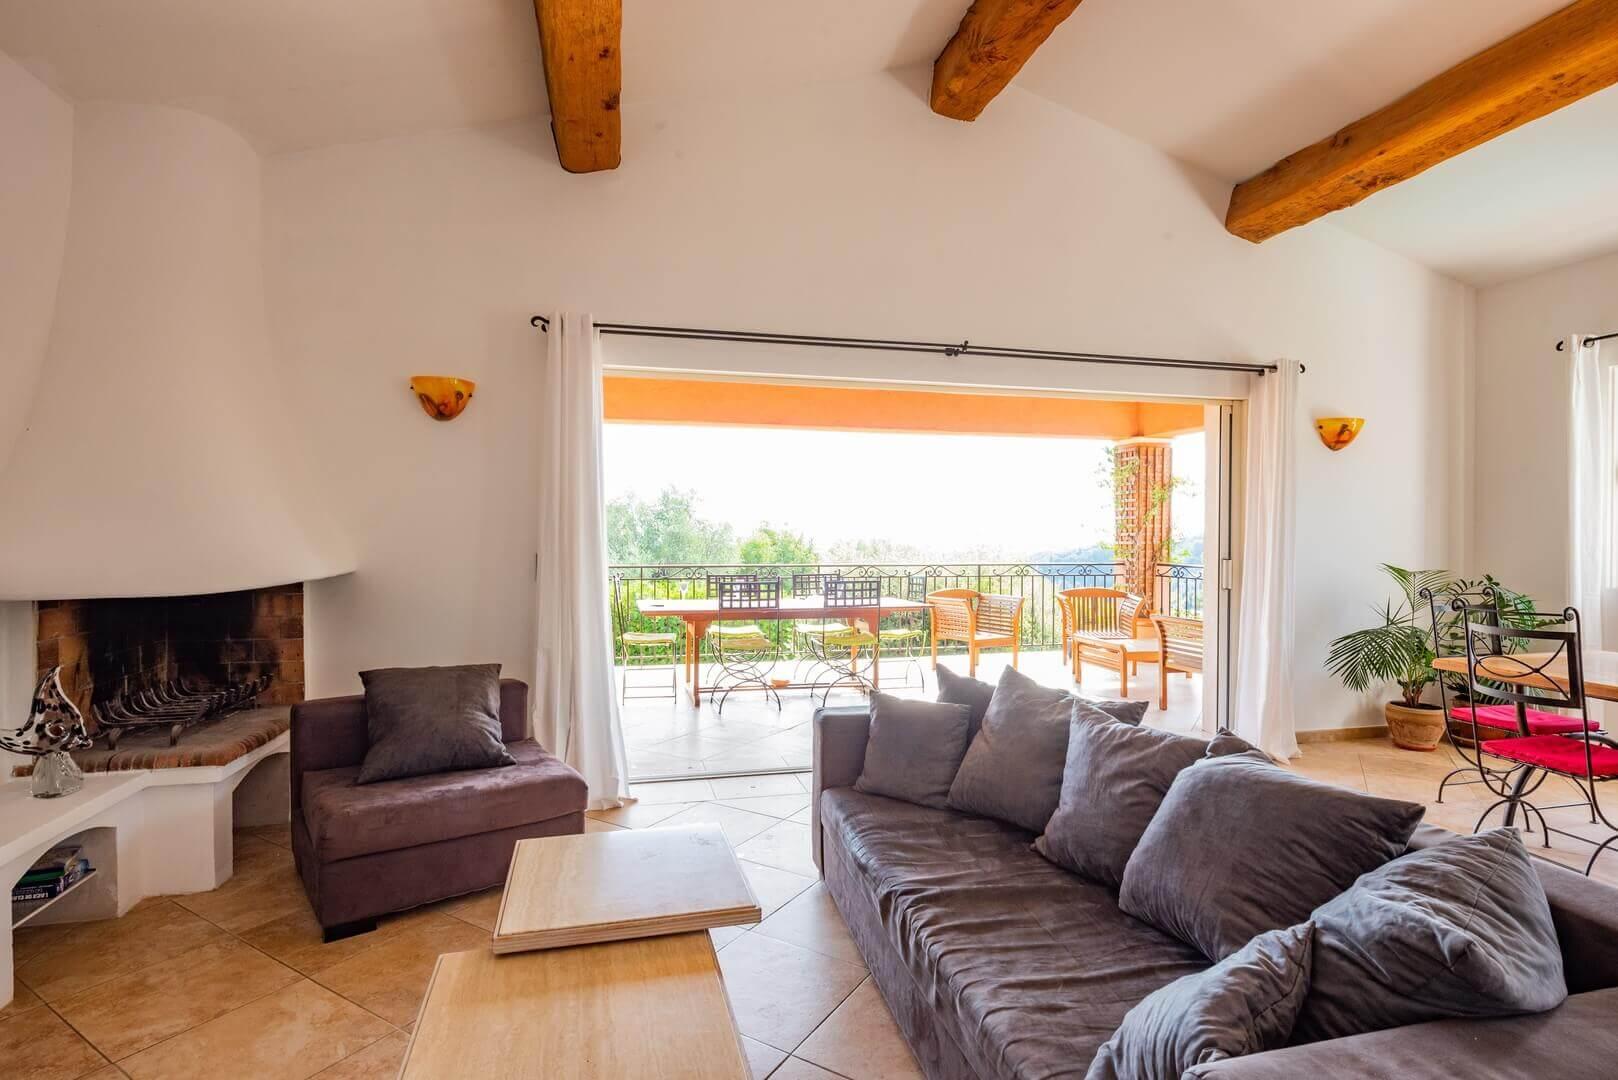 Homki - Vente Maison/villa  de 200.0 m² à biot 06410